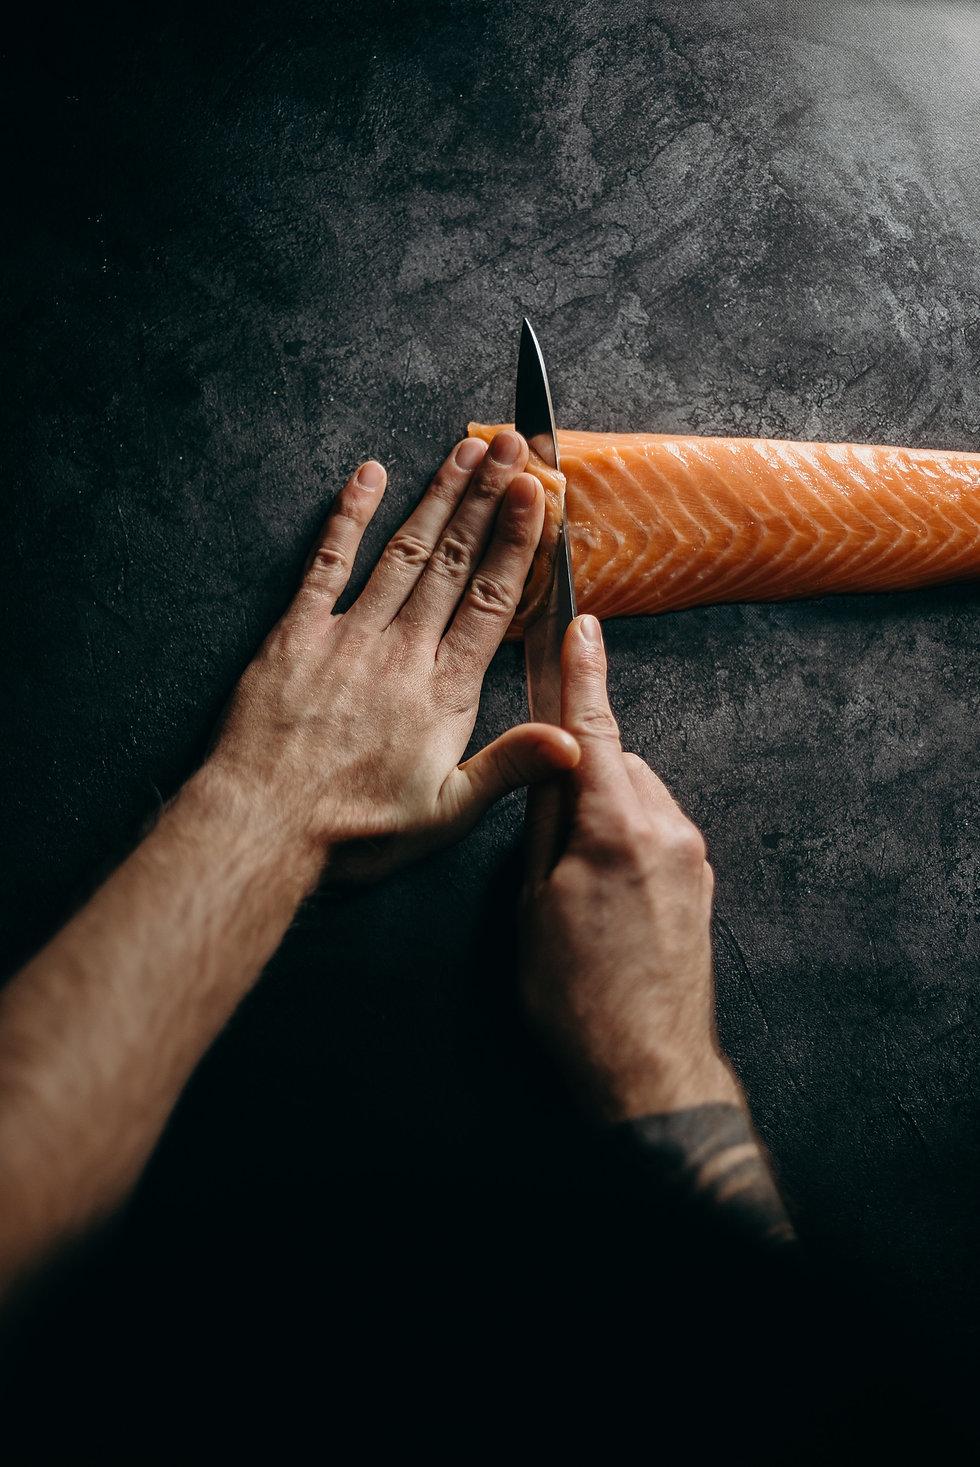 Fischschneiden mit einem scharfen Messer